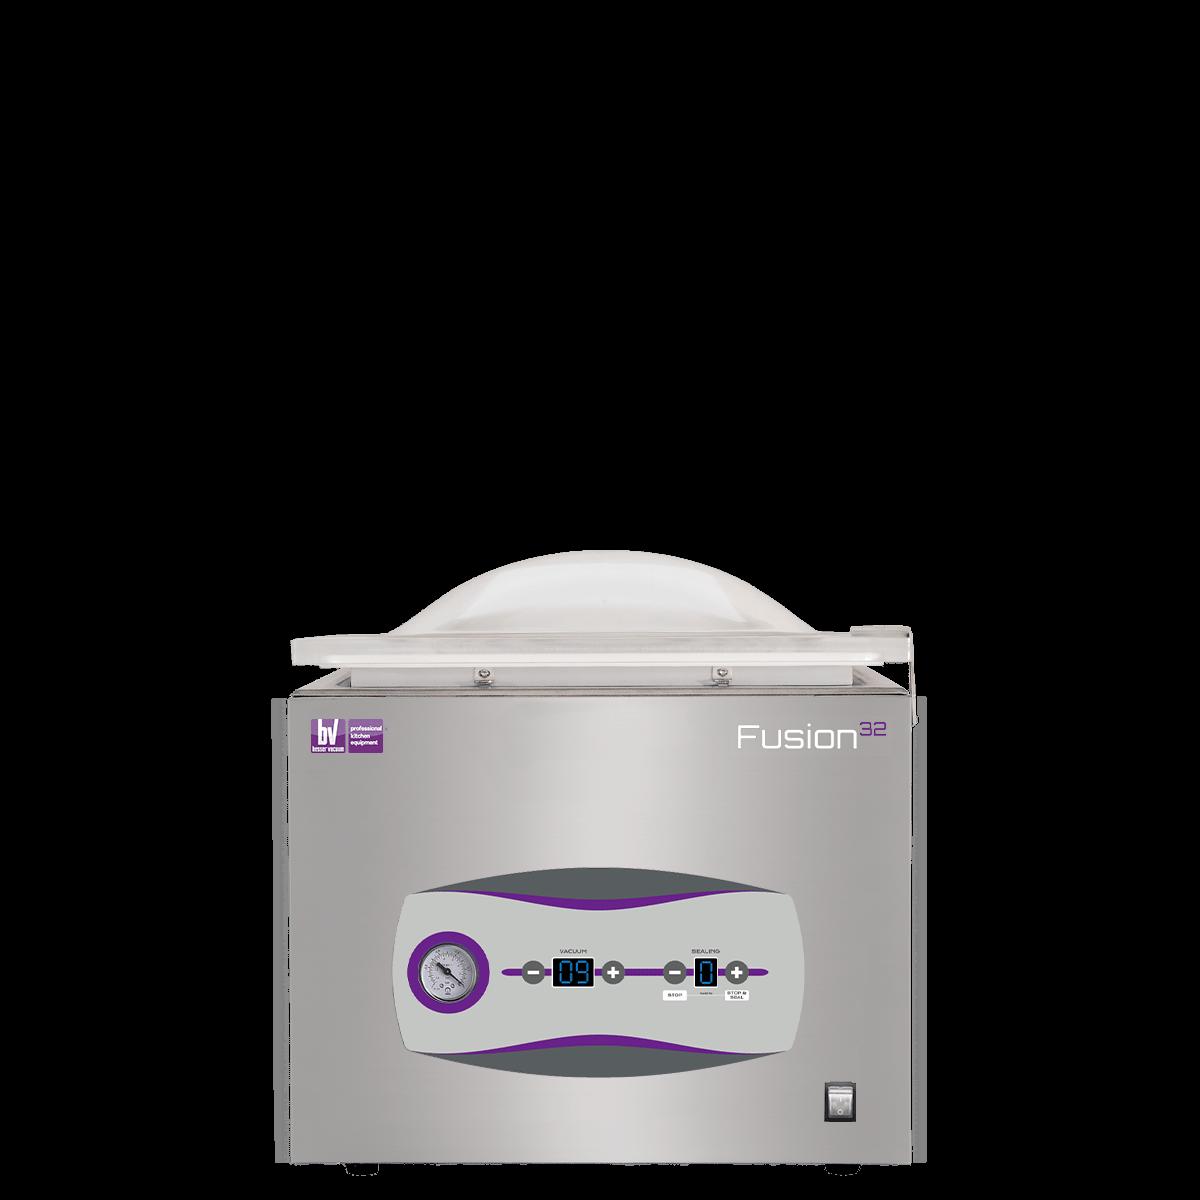 Fusion 32 chambered vacuum packing machine